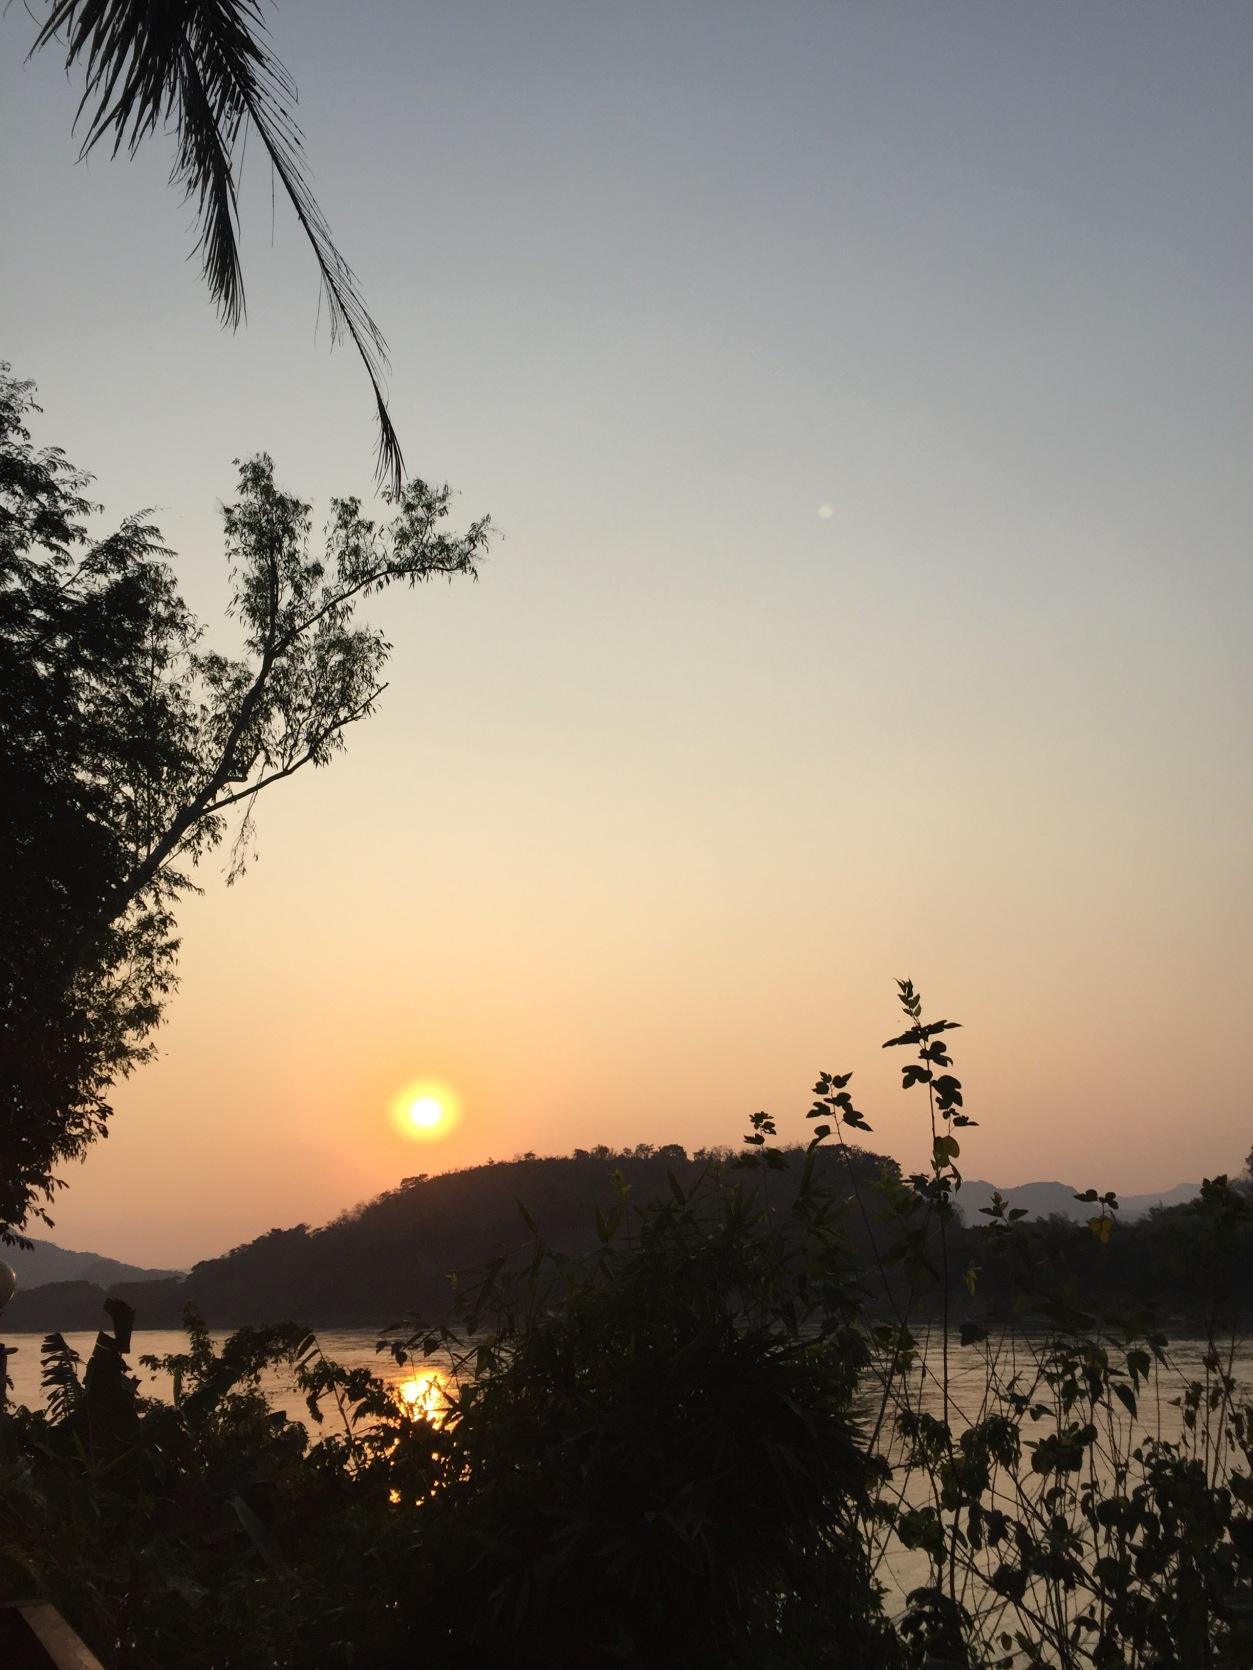 Sunset Over Mekong River, Luang Prabang, Laos